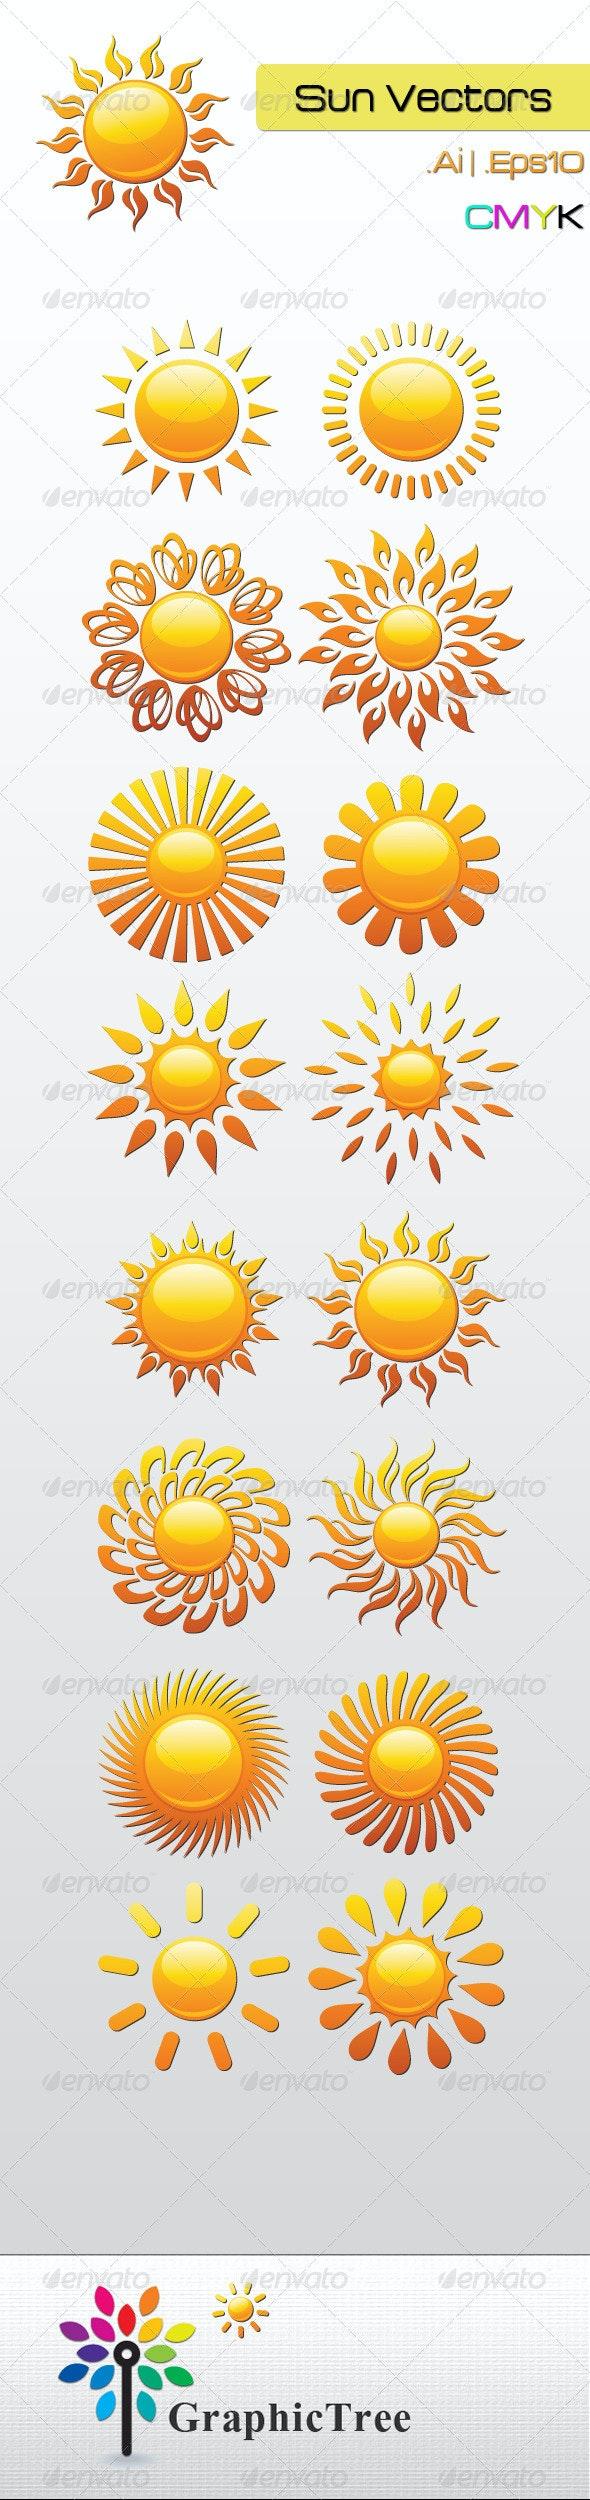 Sun Vectors - Nature Conceptual